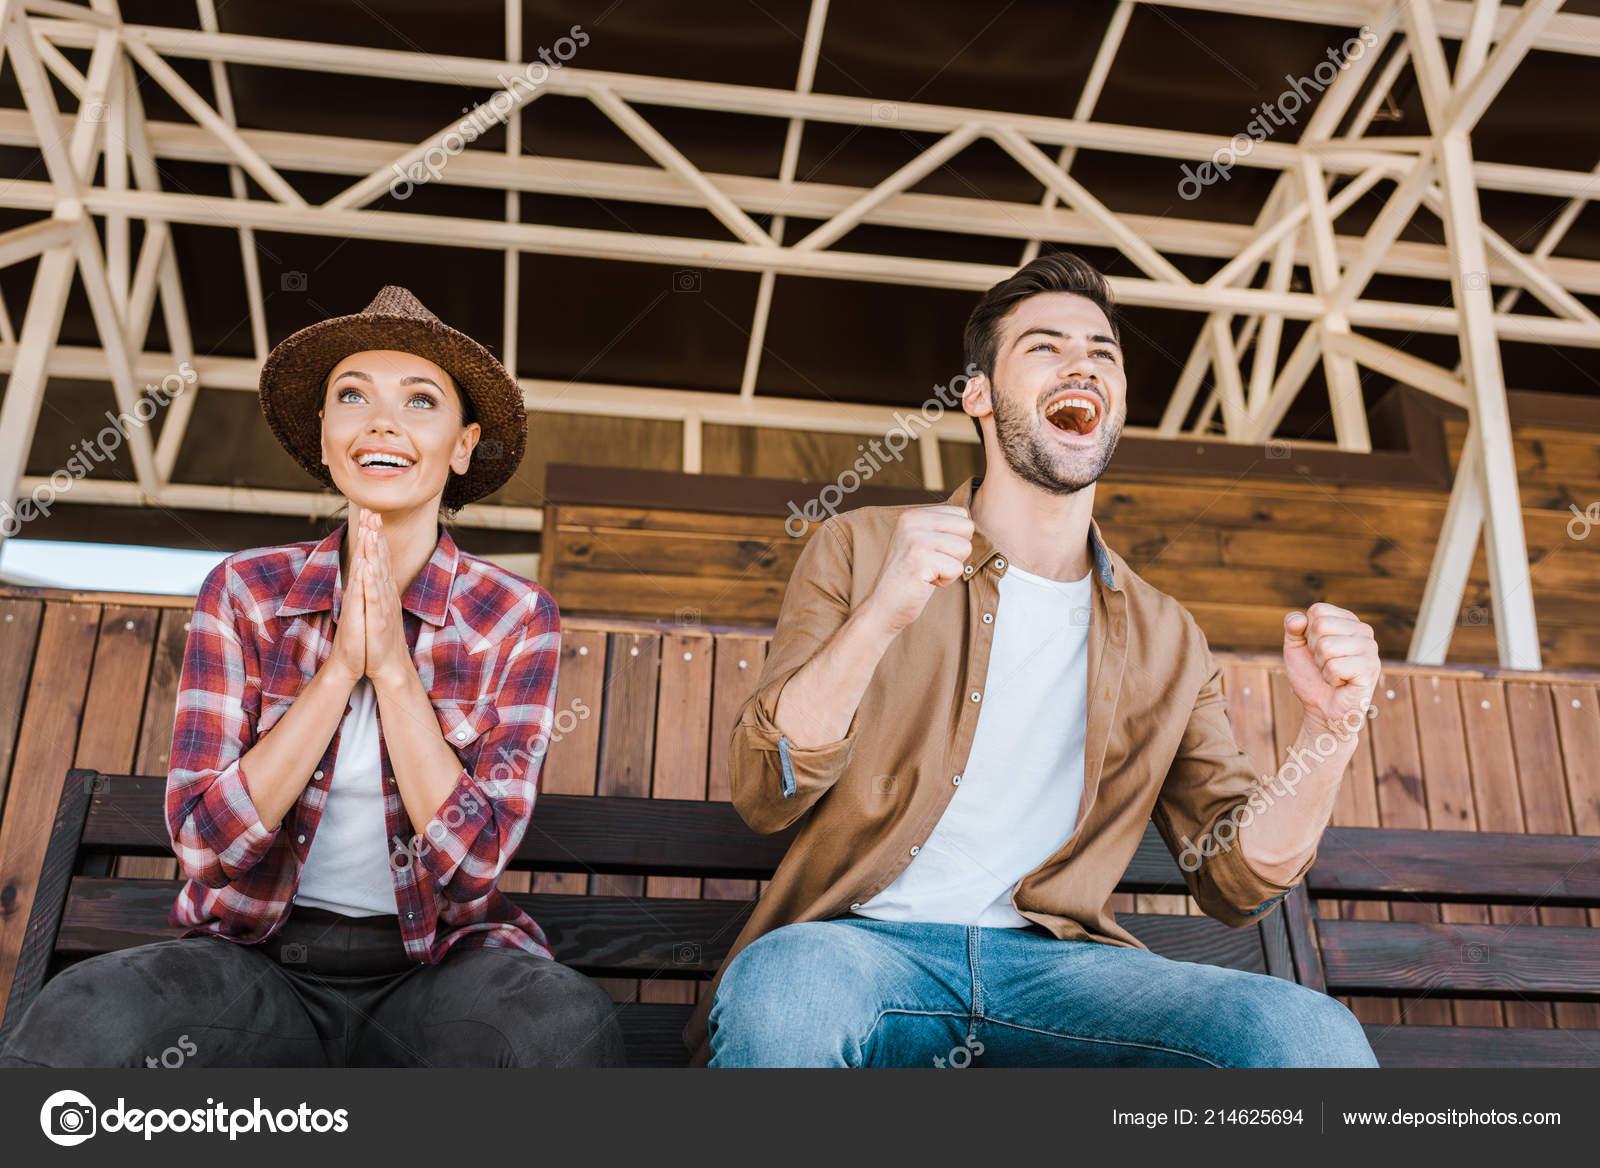 Muy Contentos Vaquero Vaquera Ropa Casual Sentado Sobre Banco Estadio —  Foto de Stock 1a4f37b895a2